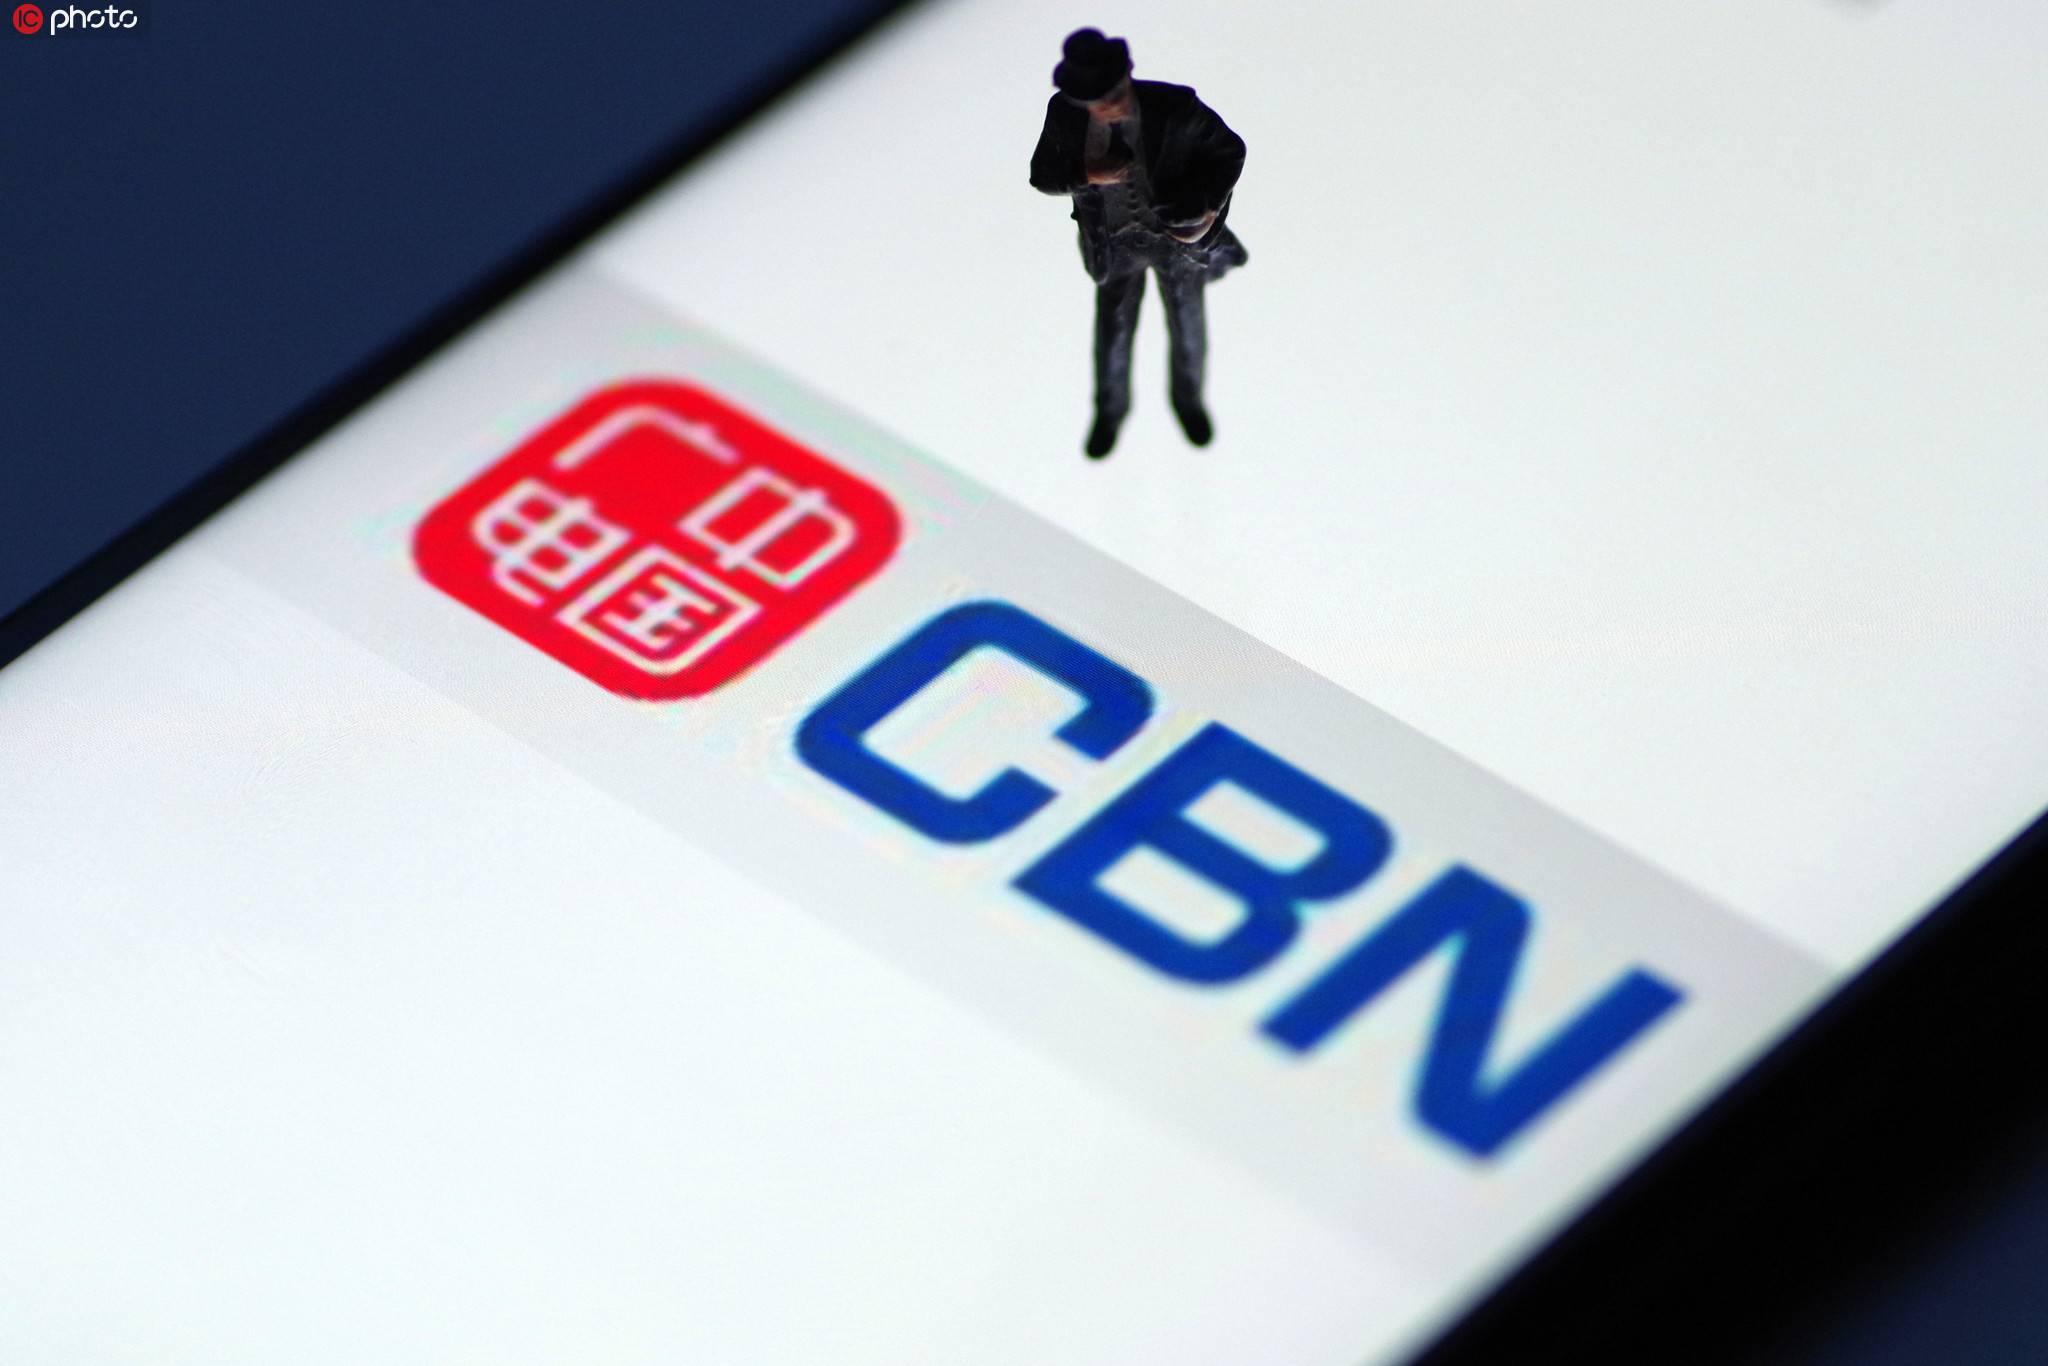 强强联手成立新公司,获5G牌照后广电终于找到新路?